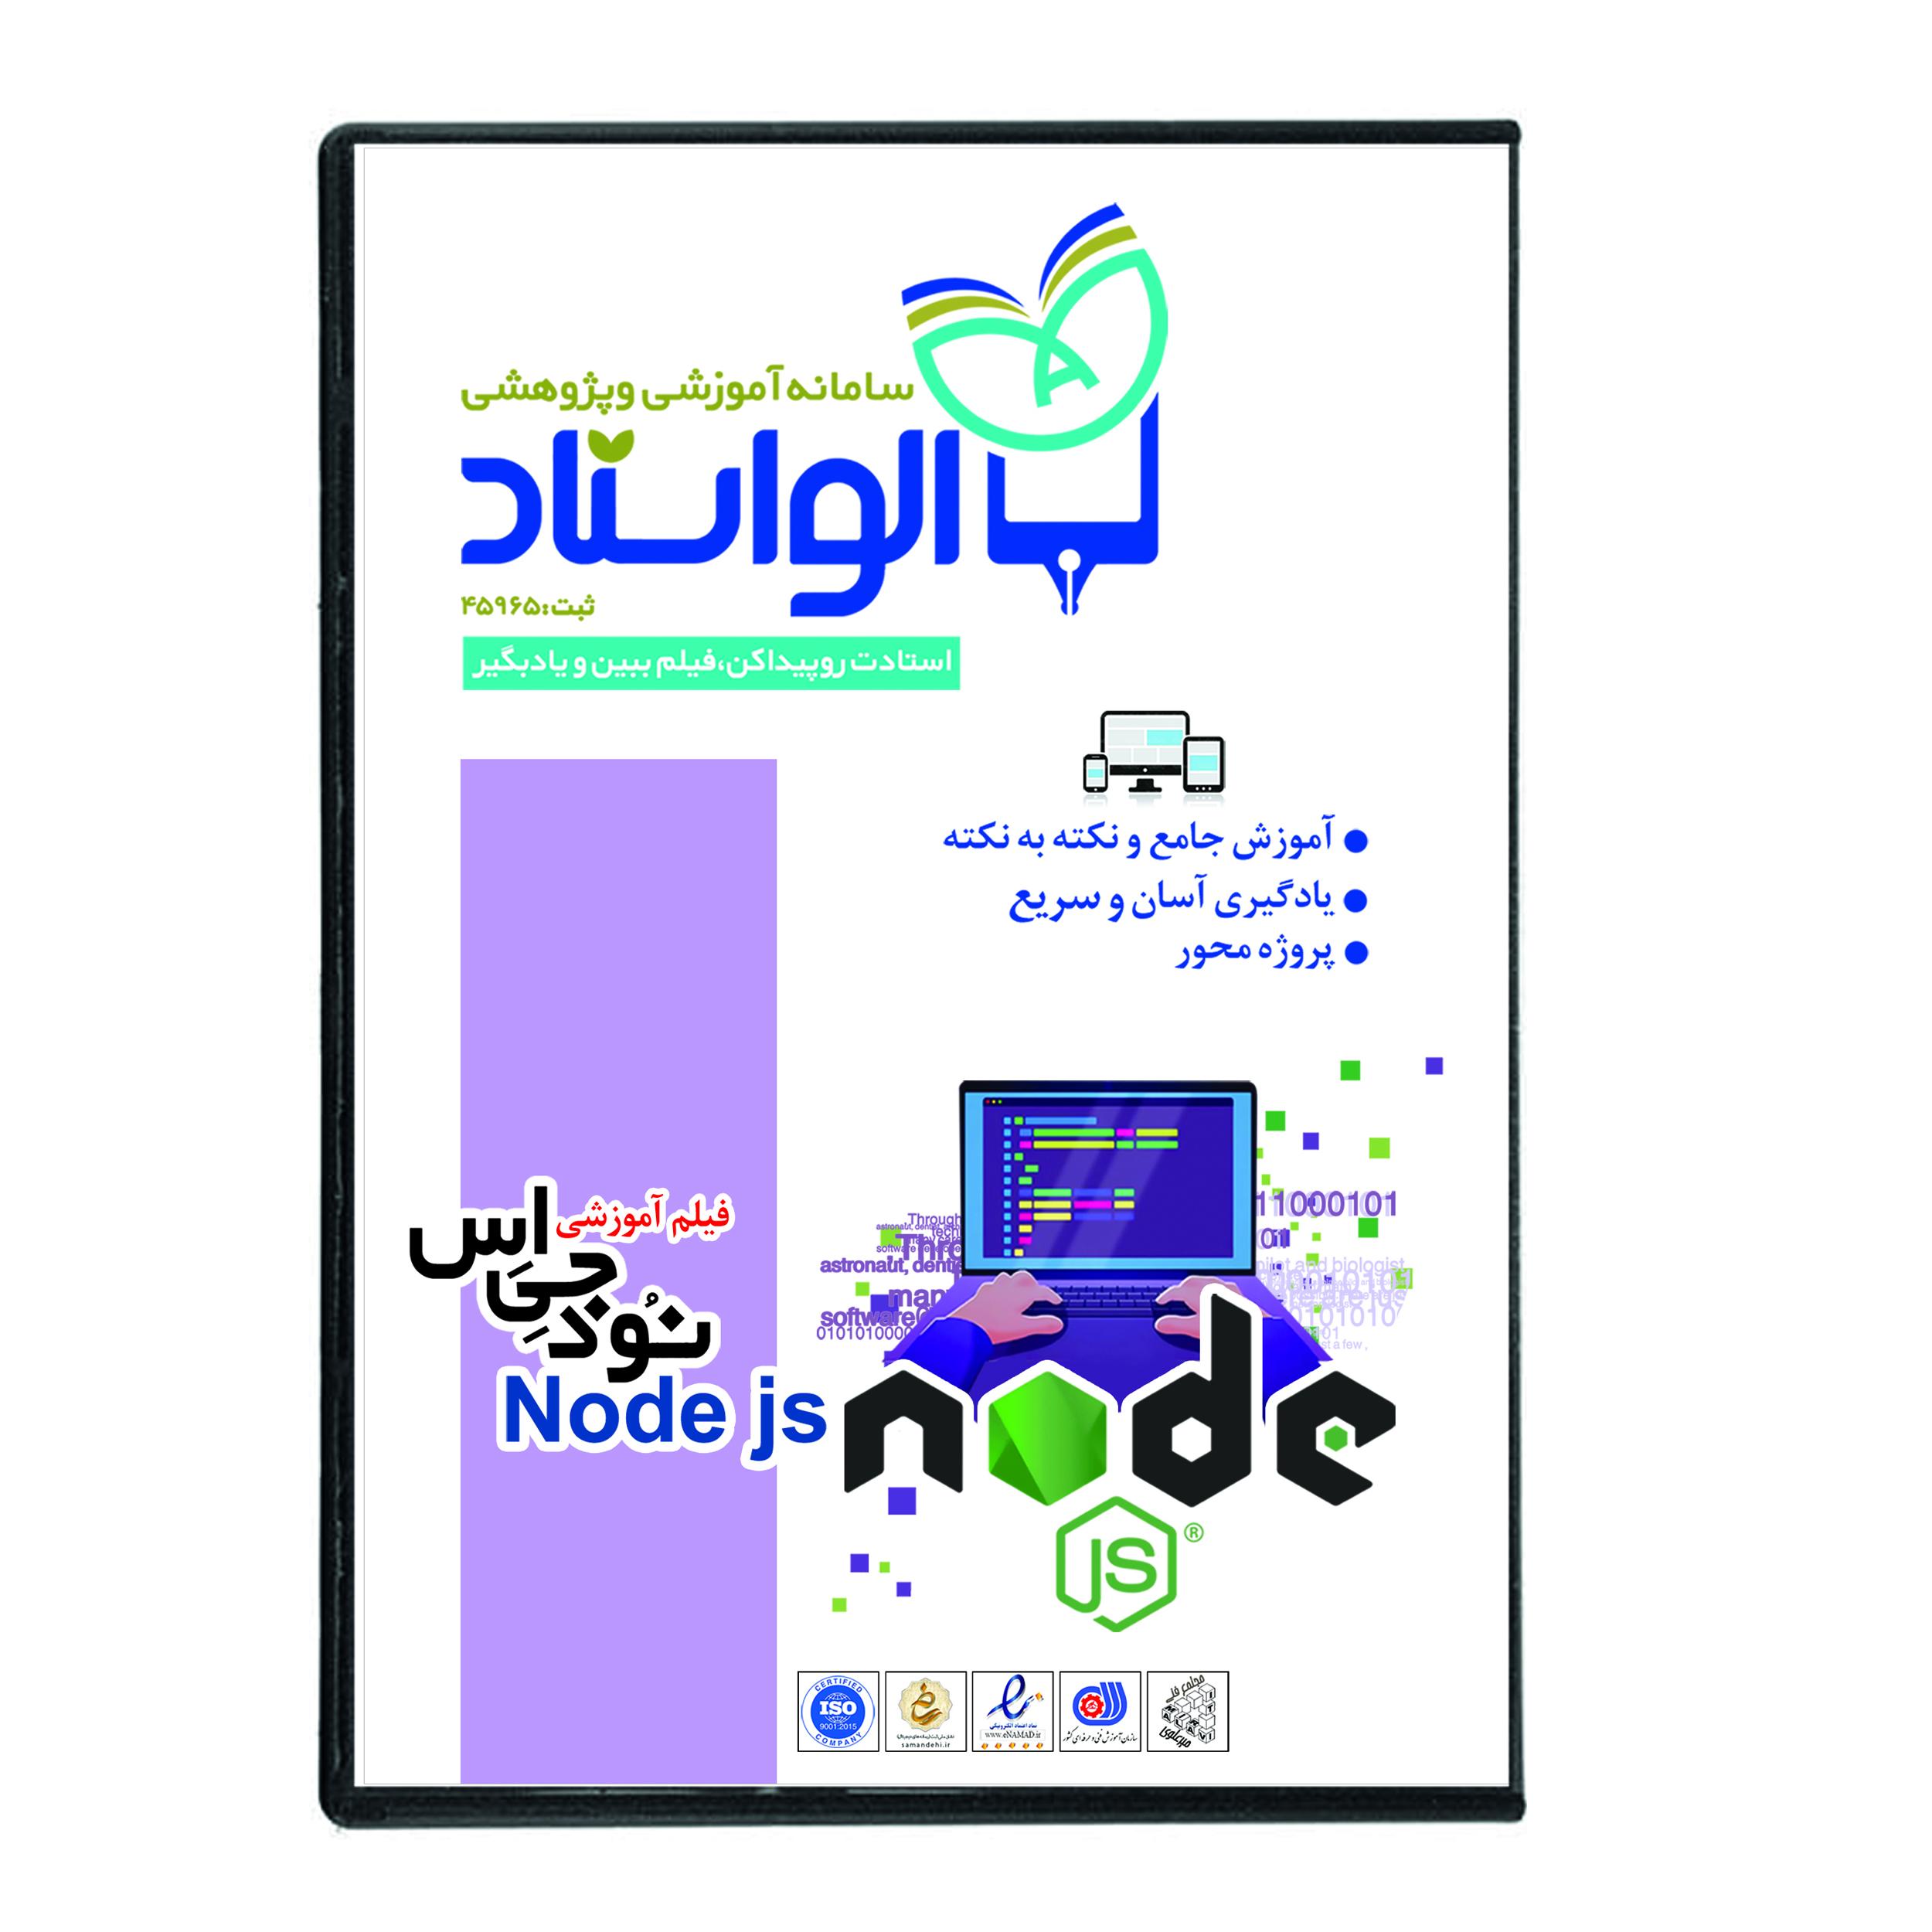 ویدئو آموزش نود جی اس  node JS  نشر الواستاد